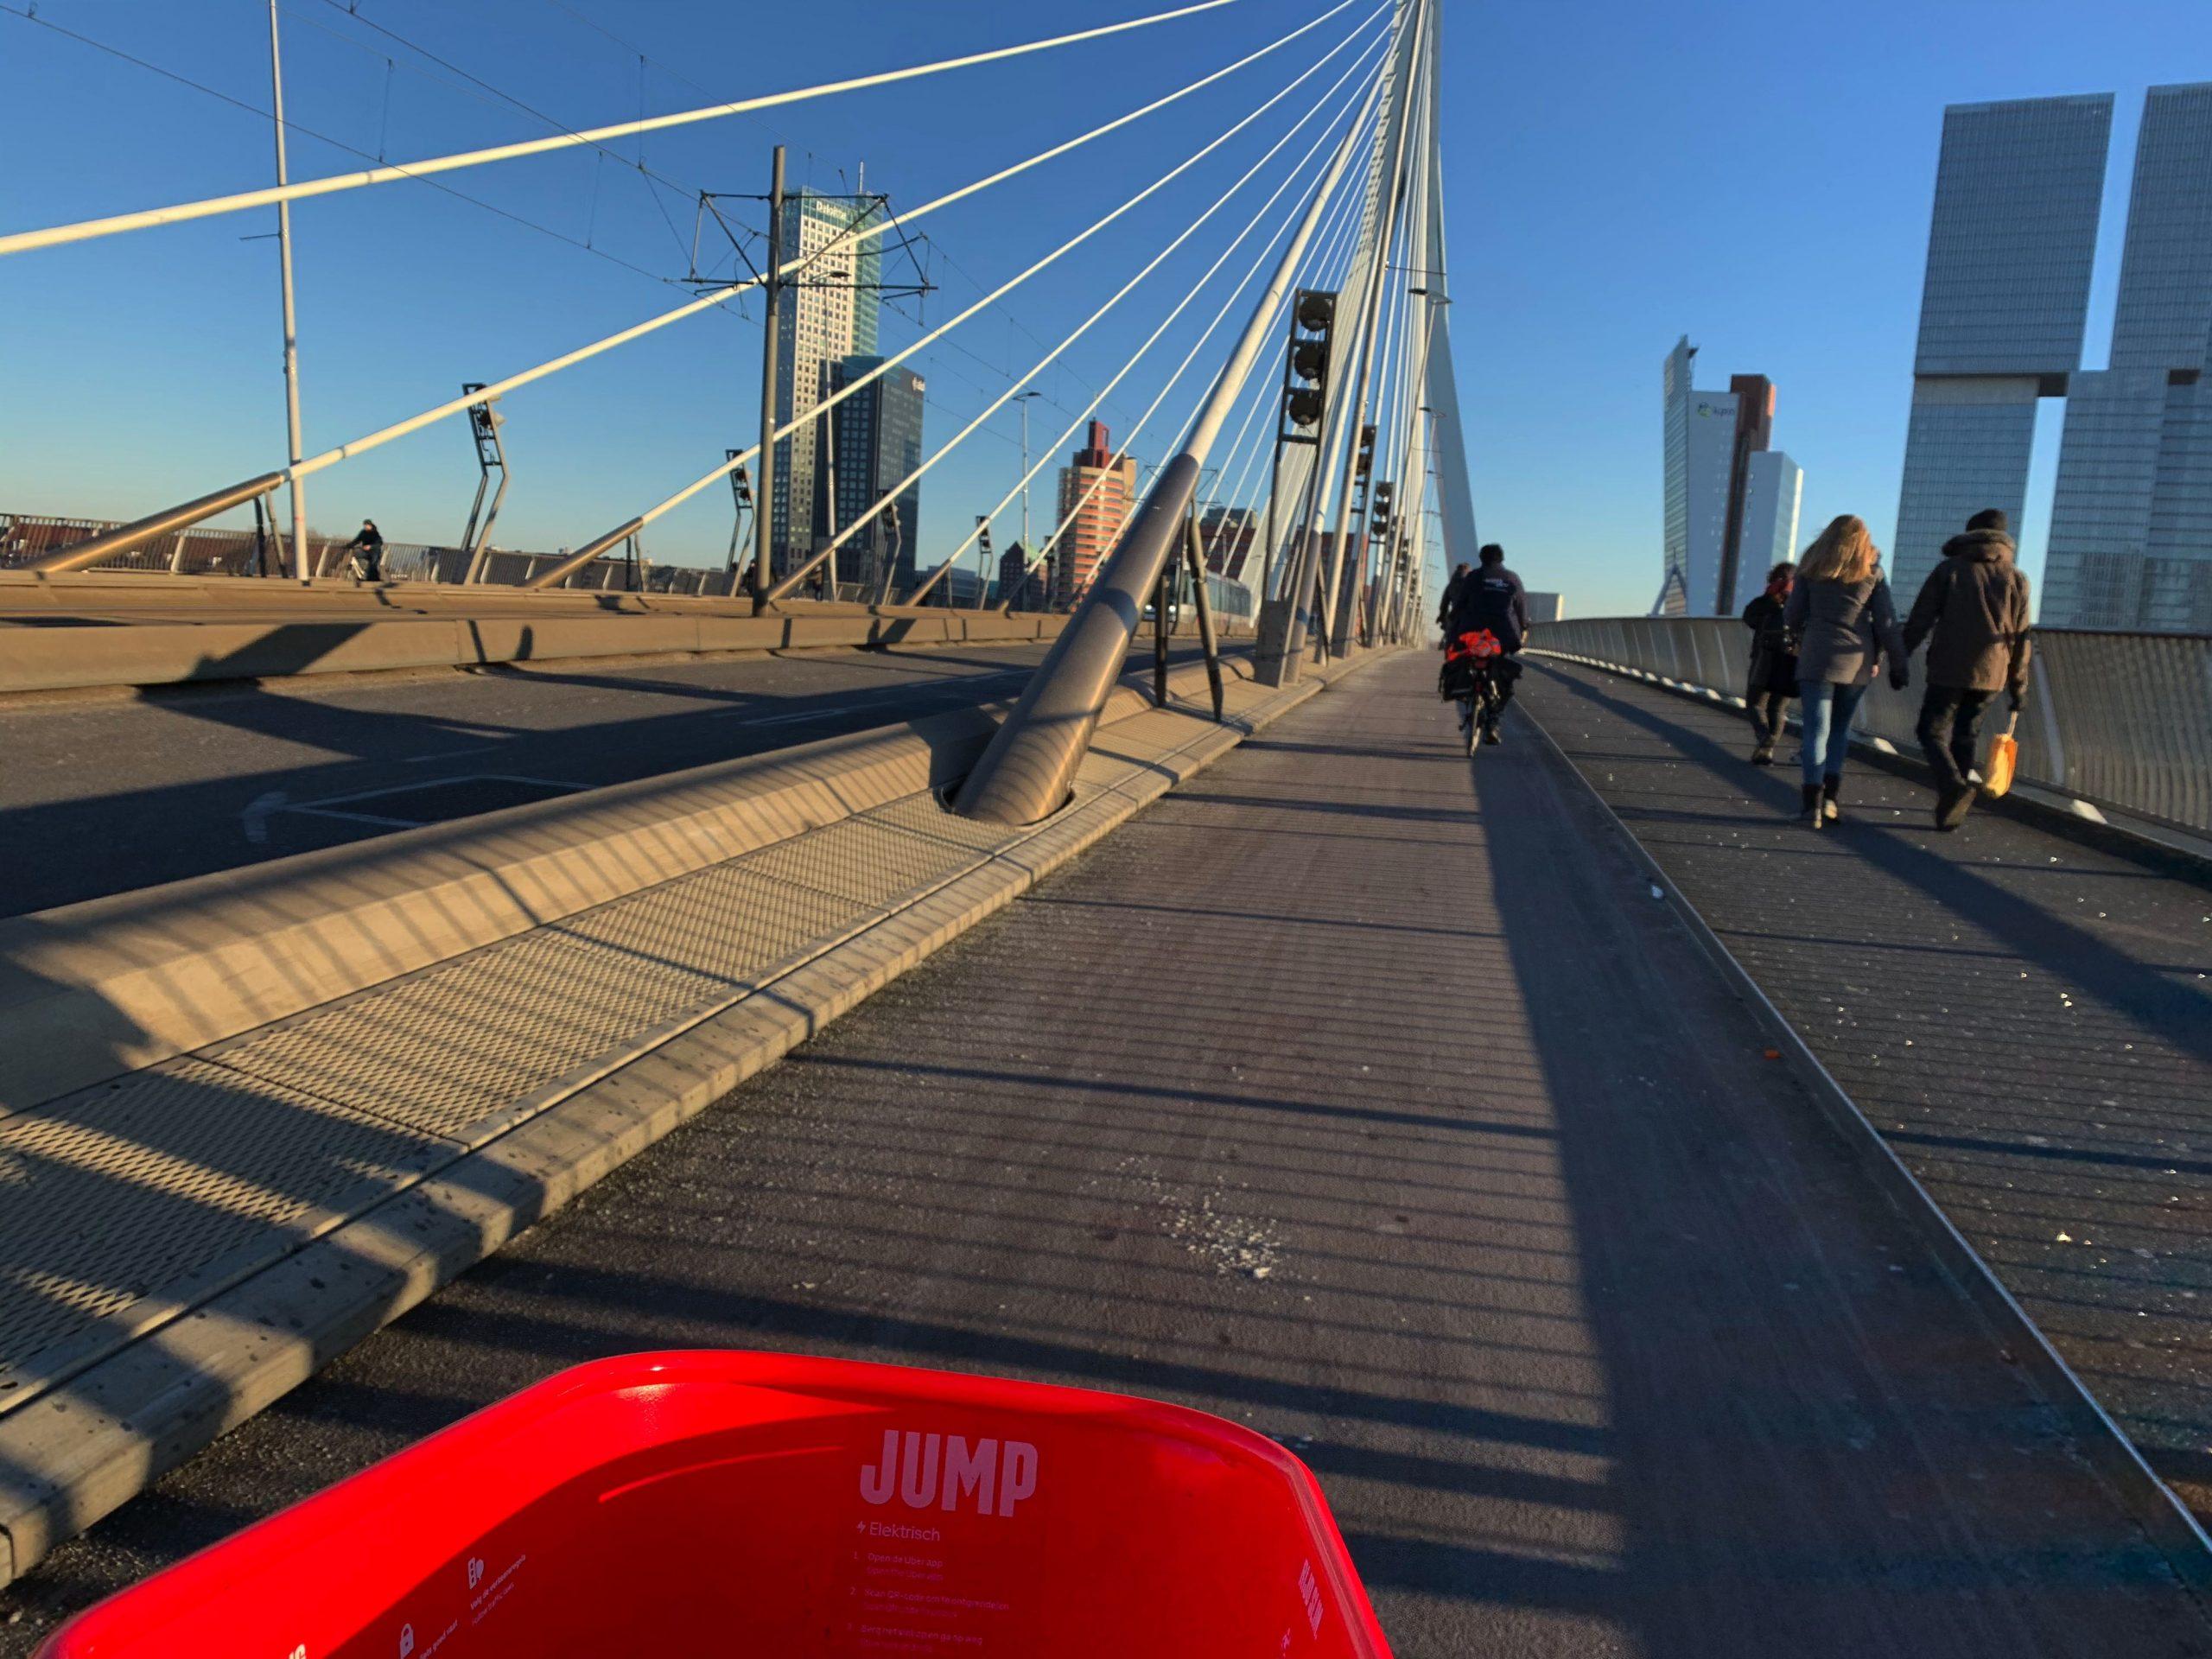 Review Jump in Rotterdam: goede fiets met krachtige motor, maar wel aan de dure kant